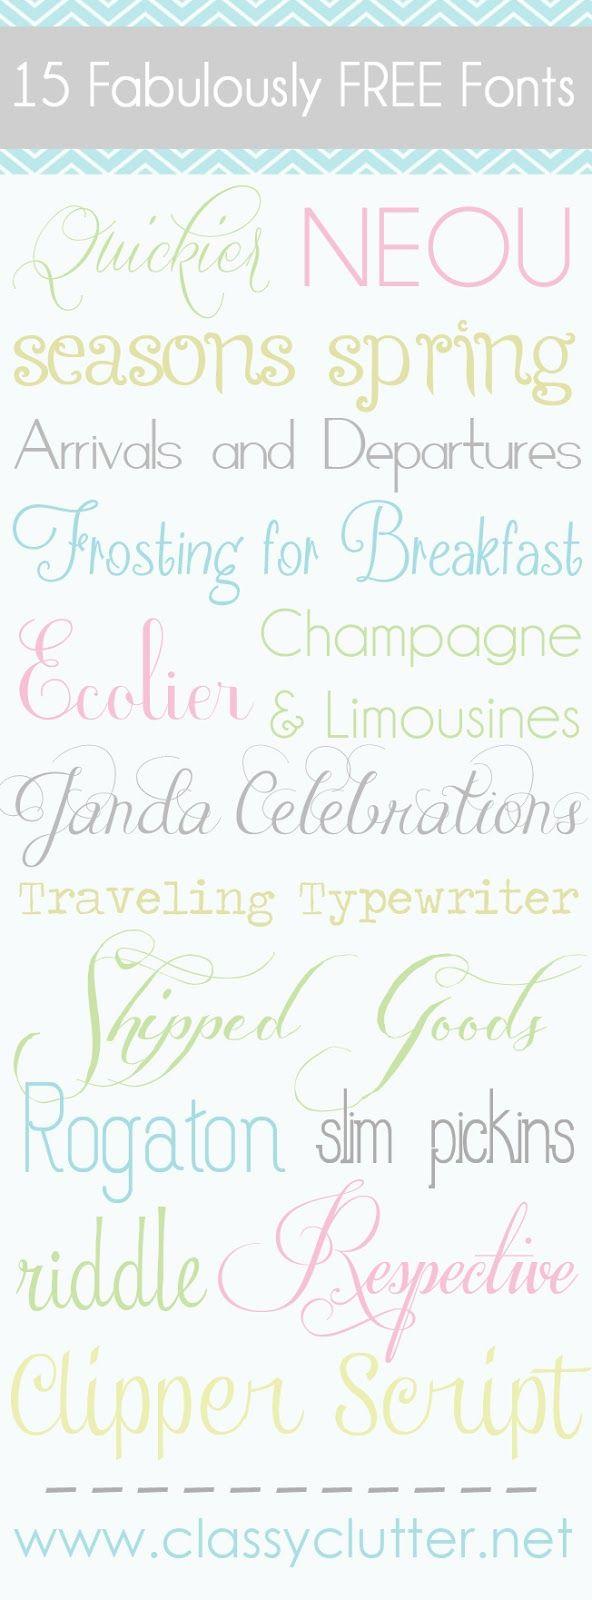 15 Fabulously FREE Fonts - www.classyclutter.net